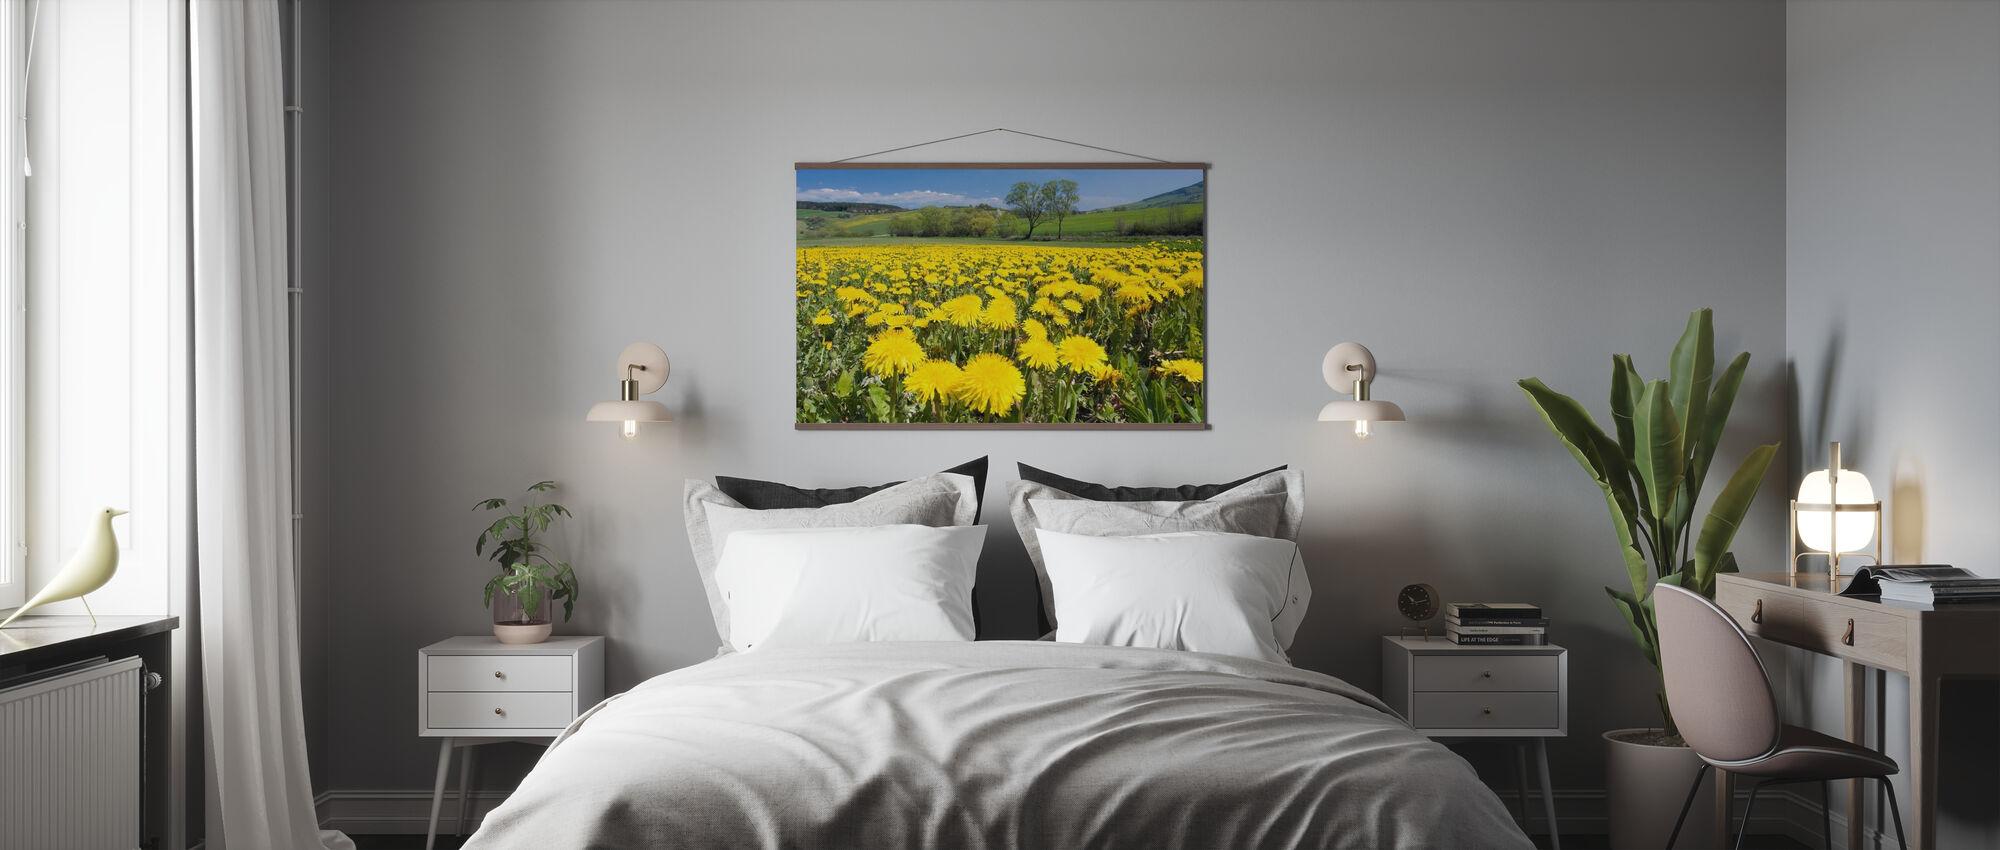 Spring Landscape with Dandelions - Poster - Bedroom